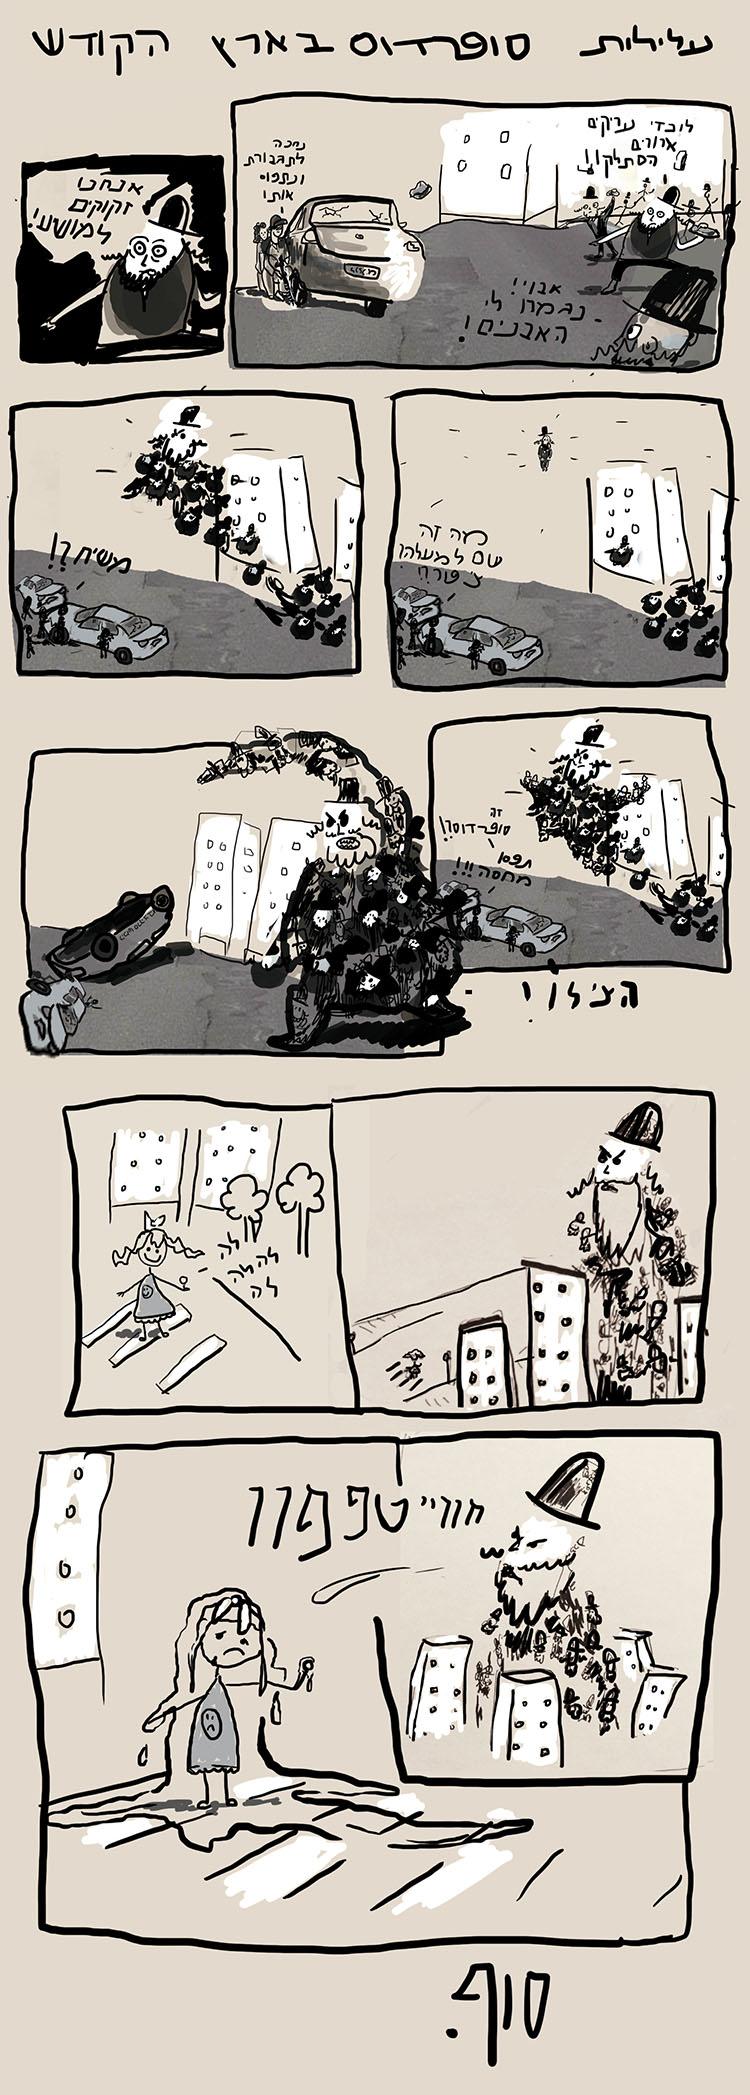 עלילות סופרדוס בארץ הקודש, קומיקס מאת חגית כהן